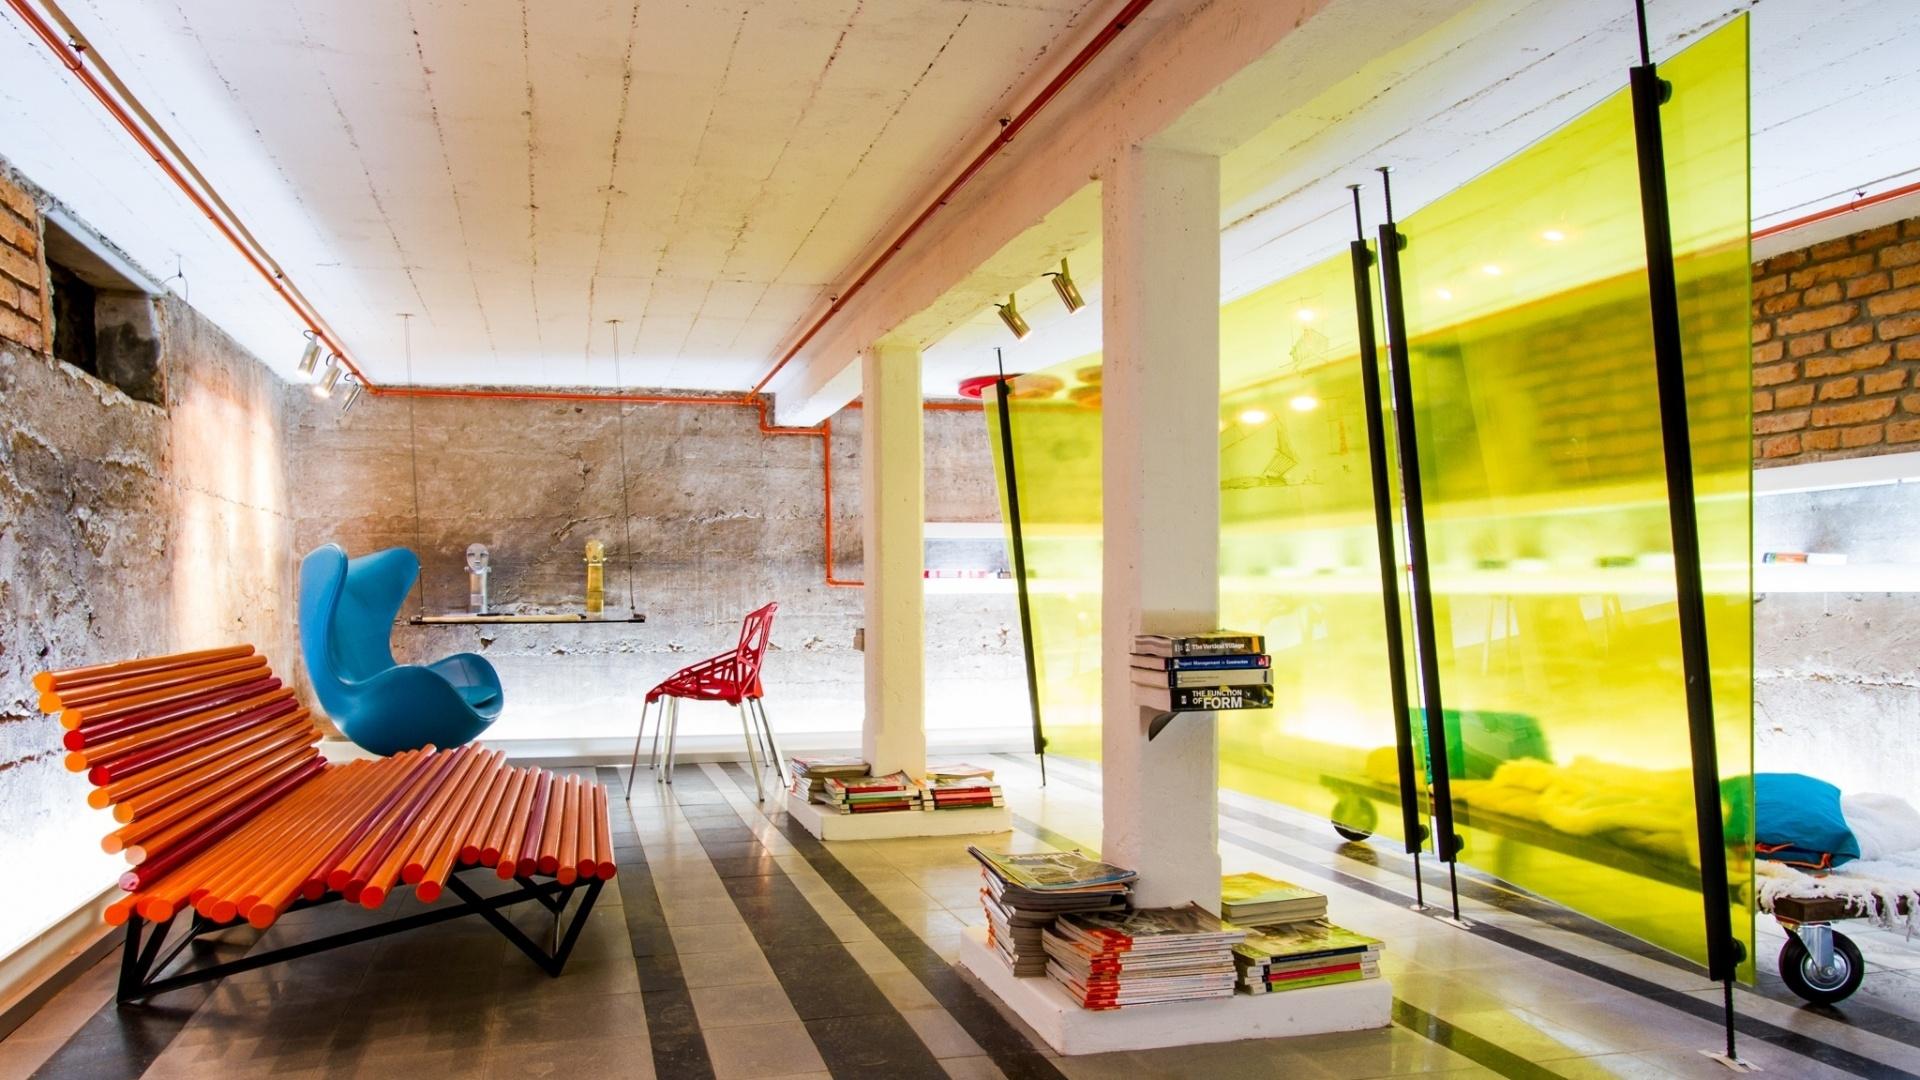 No Estudio del Arquitecto (estúdio do arquiteto), projetado por Gustavo Pereira e Fernando Suárez, os destaques são peças de design moderno e paredes sem acabamento. A Casa Cor Bolívia estreia em um antigo casarão, construído pelo italiano Mario Bonino nos anos 1950 em Santa Cruz de la Sierra. São 40 ambientes expostos de 23 de abril a 19 de maio de 2013